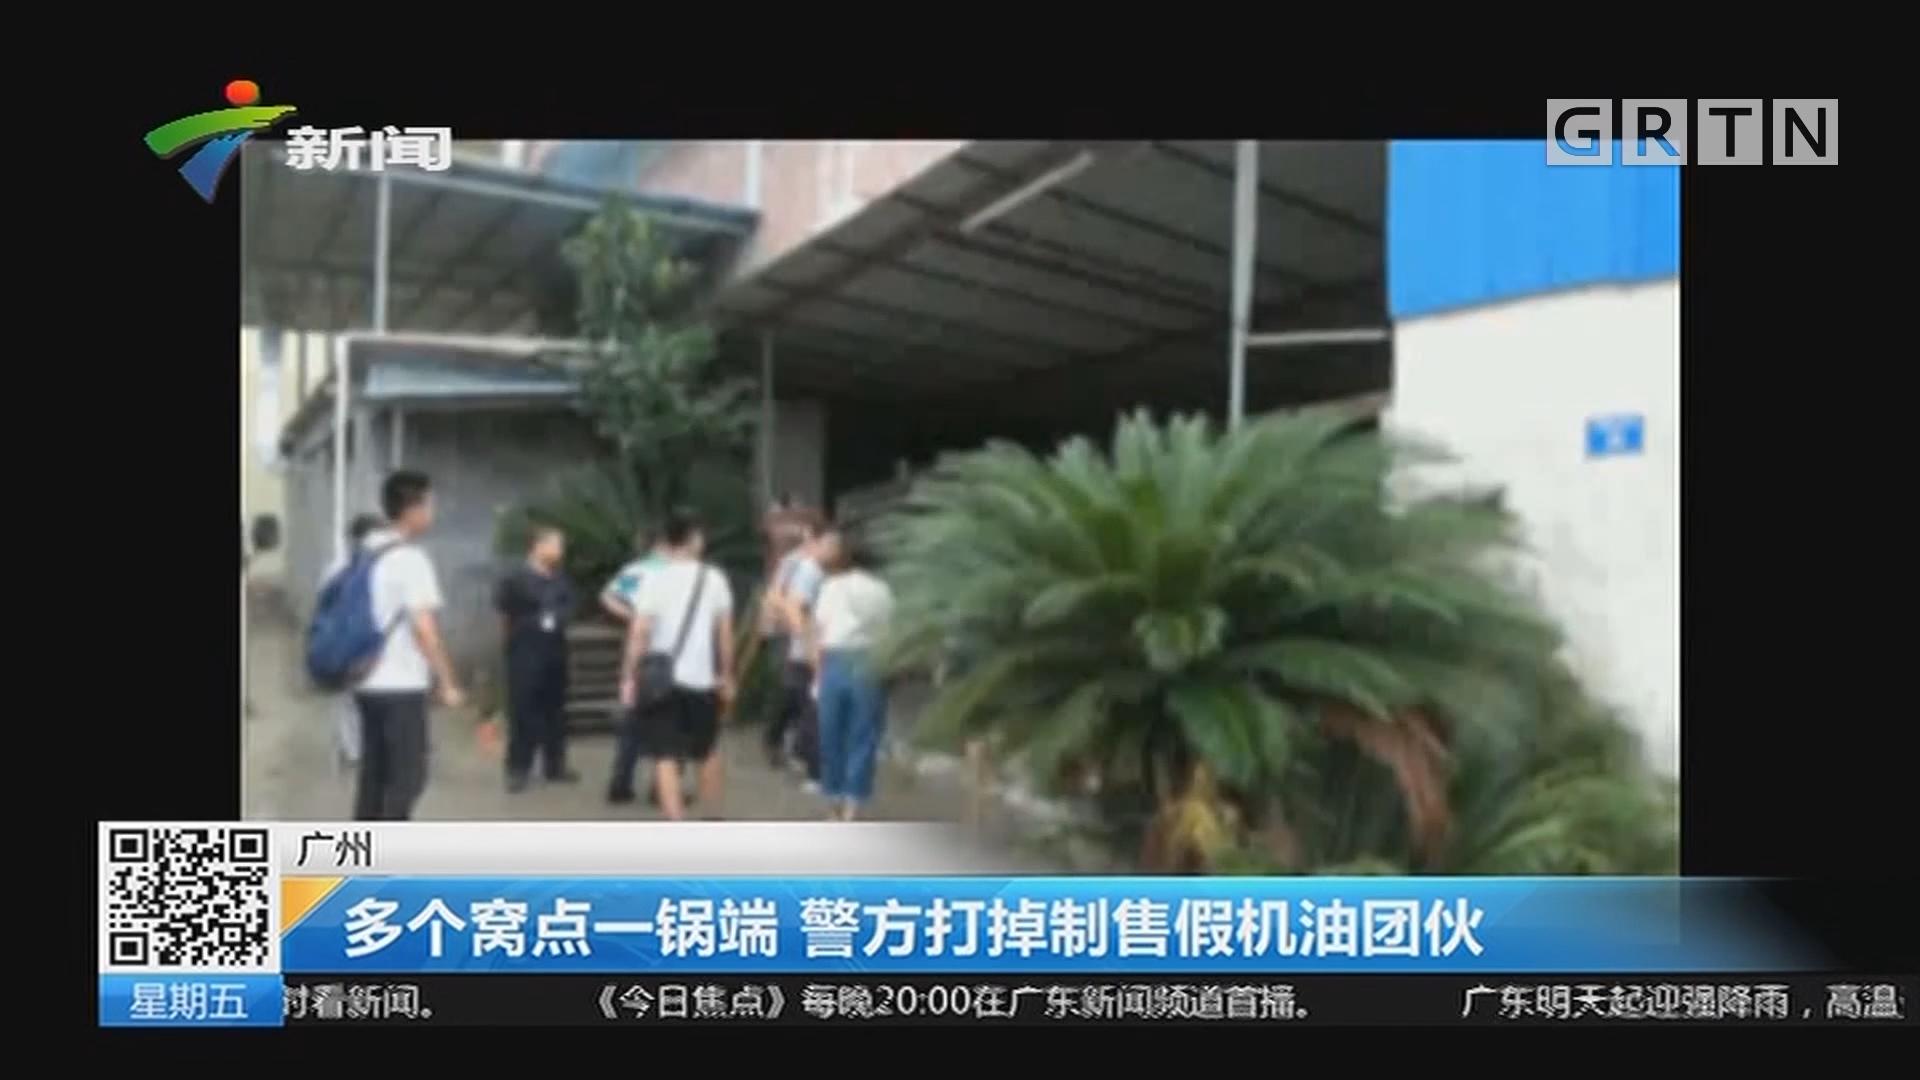 广州:多个窝点一锅端 警方打掉制售假机油团伙